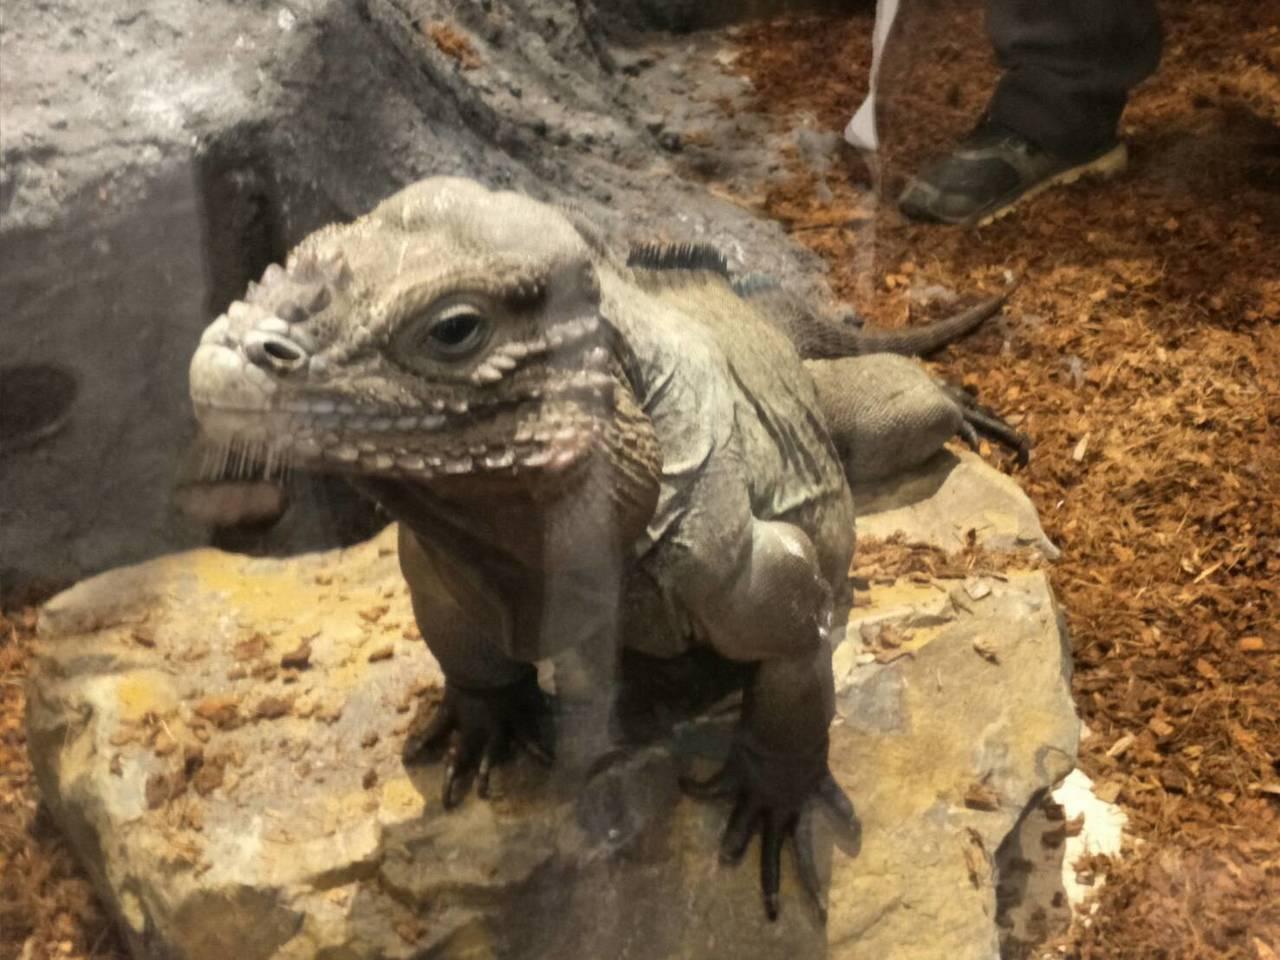 海科館自今天起到10月27日舉行「登陸。作戰-兩棲爬蟲動物特展」,展出包含35種...